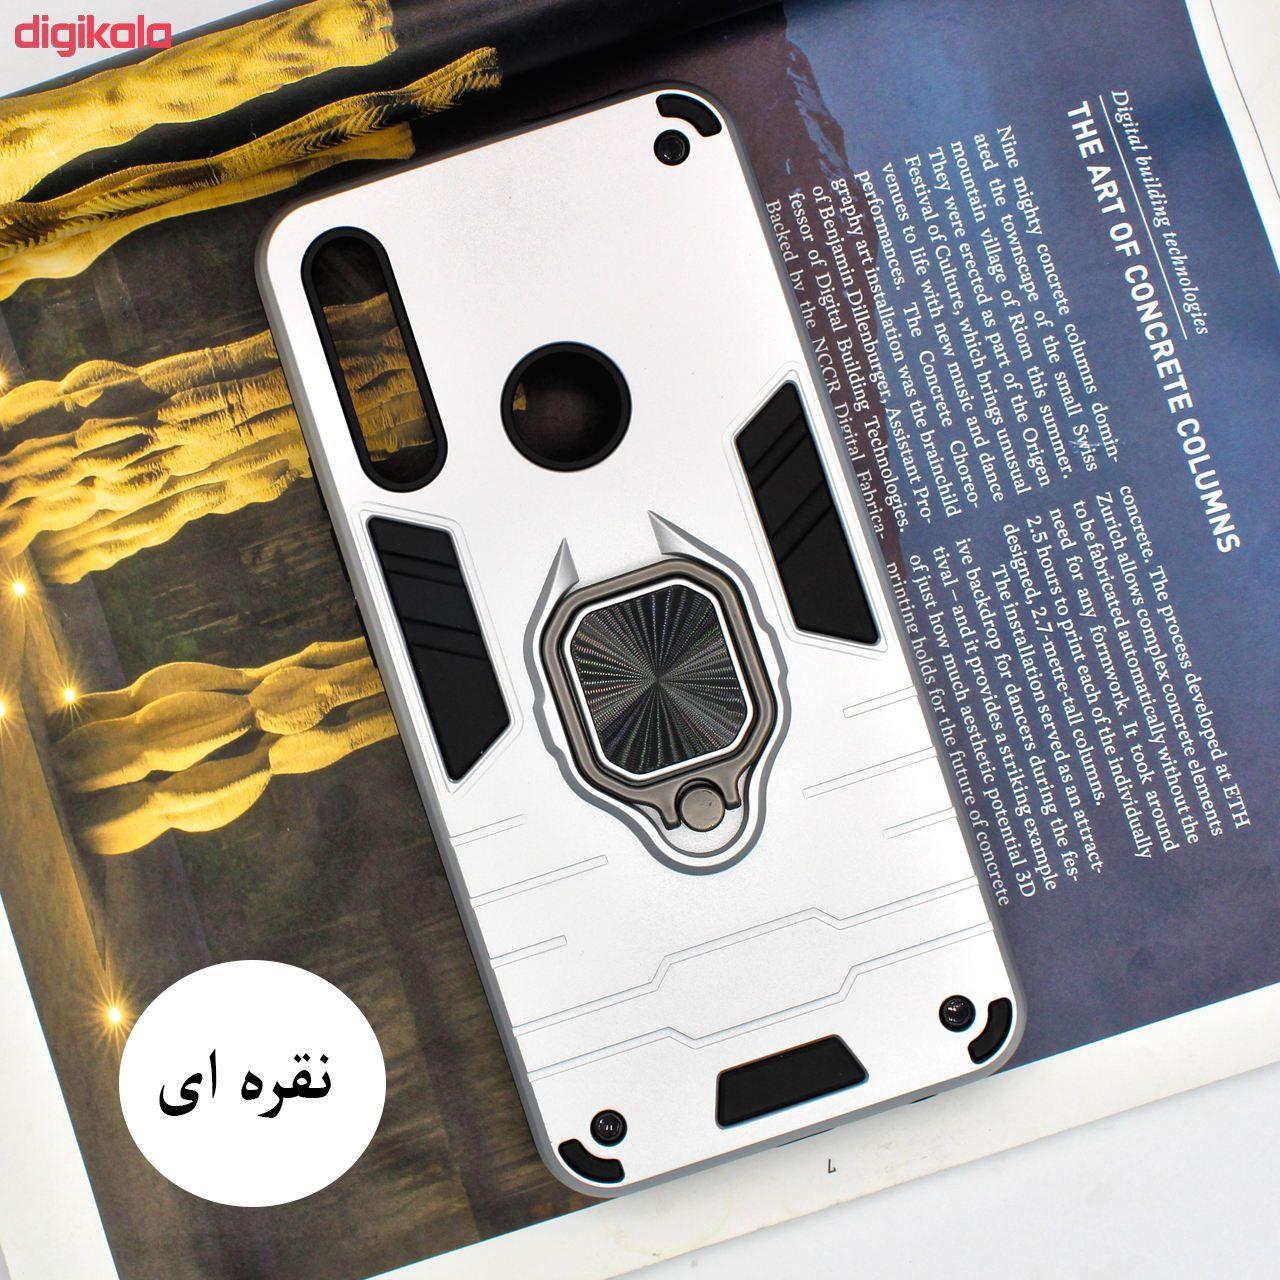 کاور کینگ پاور مدل ASH22 مناسب برای گوشی موبایل هوآوی P30 Lite main 1 8